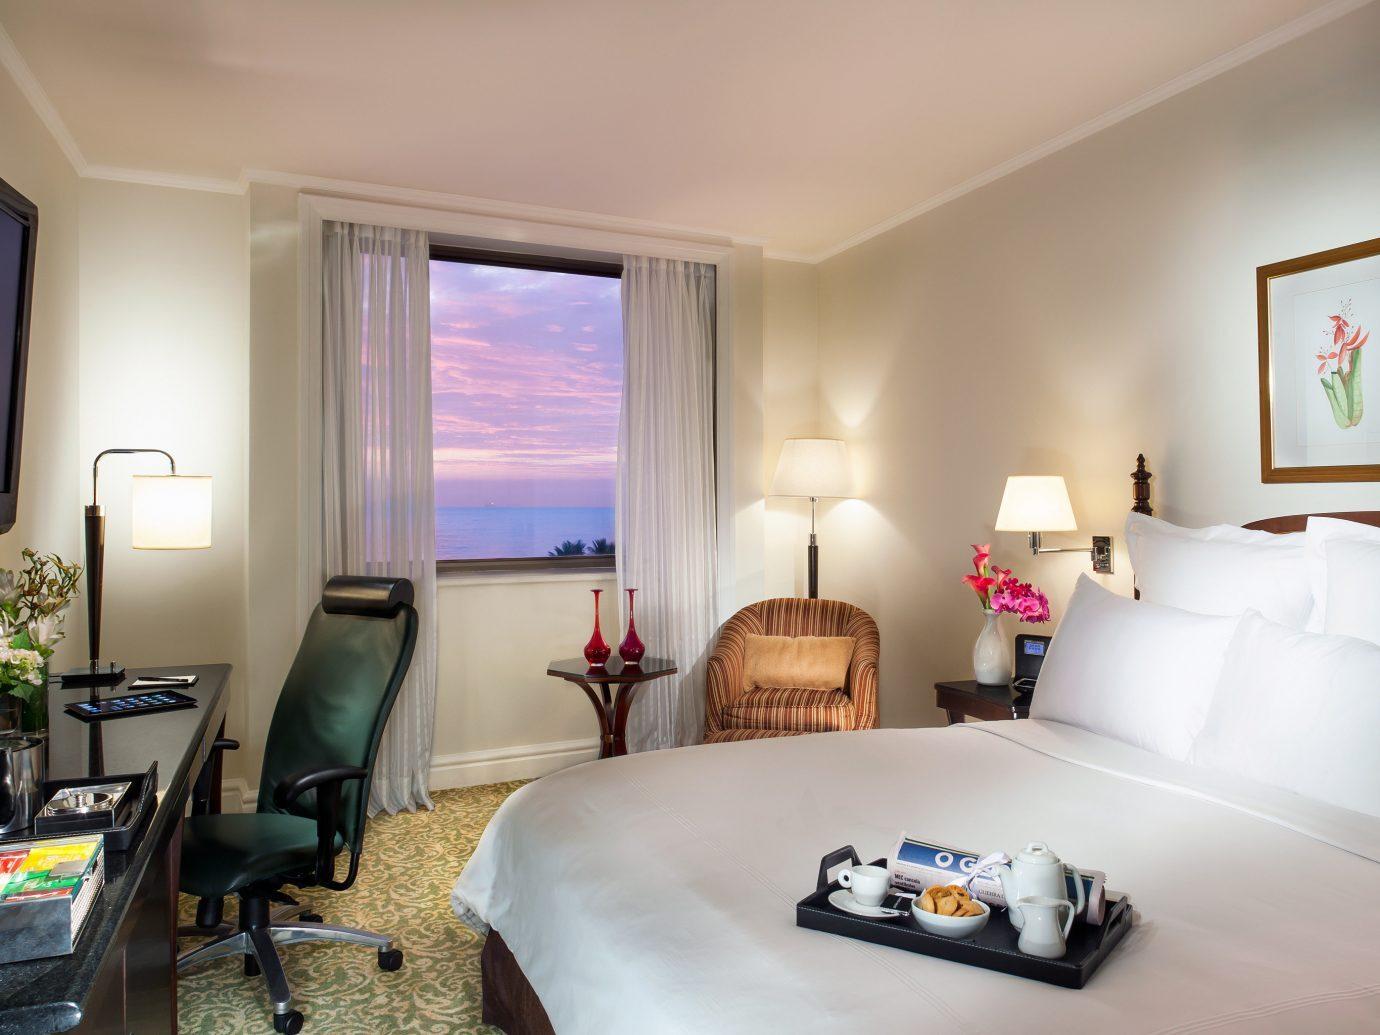 Bedroom at JW Marriott Hotel Rio de Janeiro